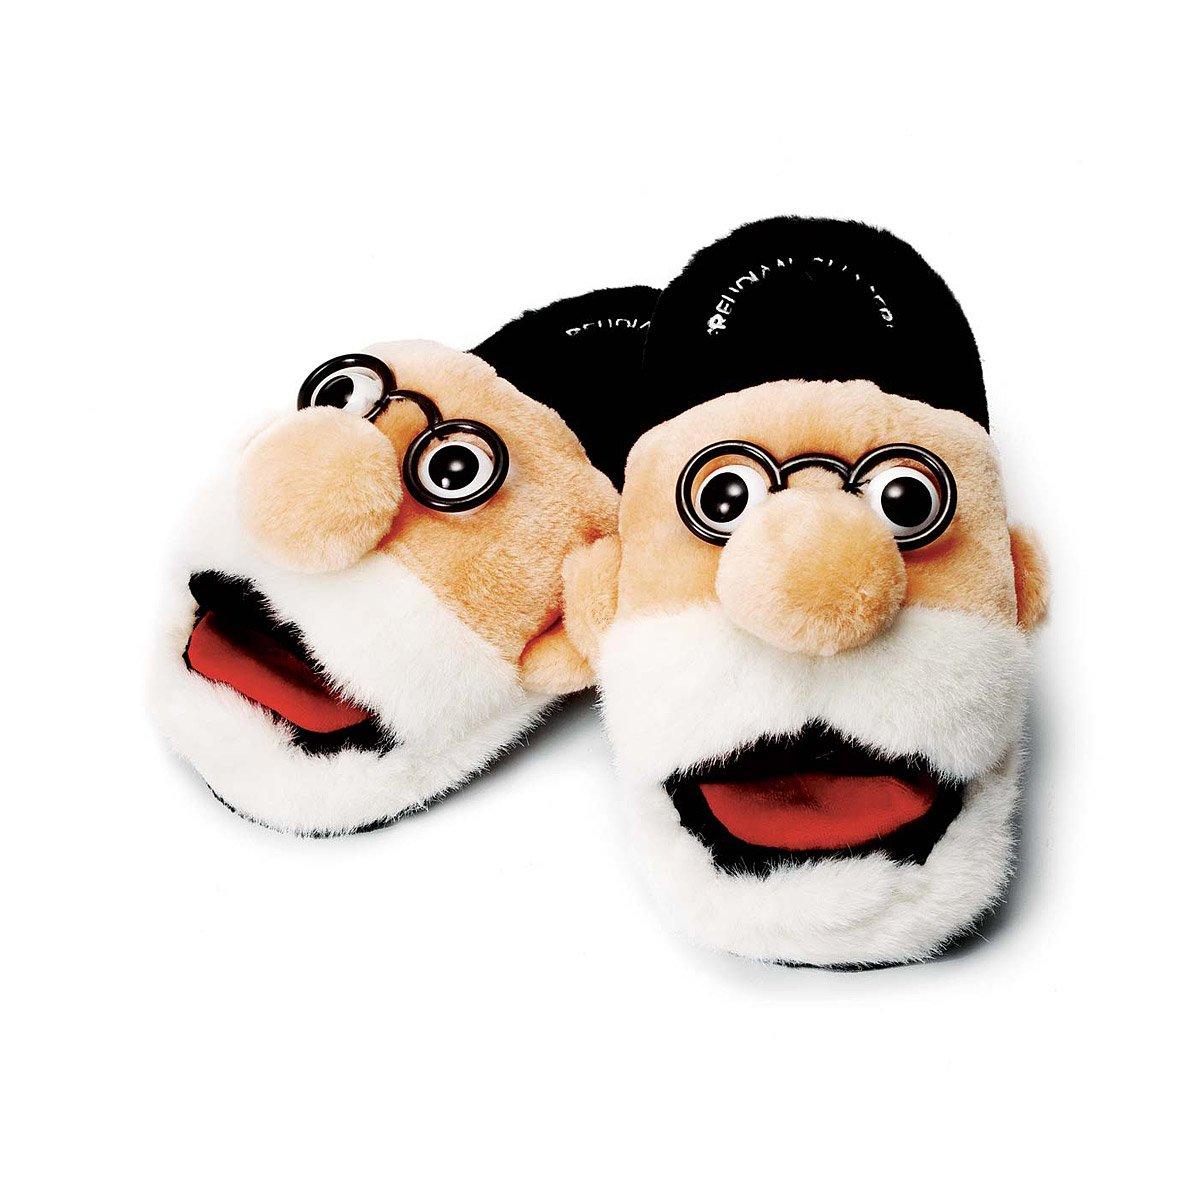 Sigmund Freud Freudian Plush Slippers Go41t